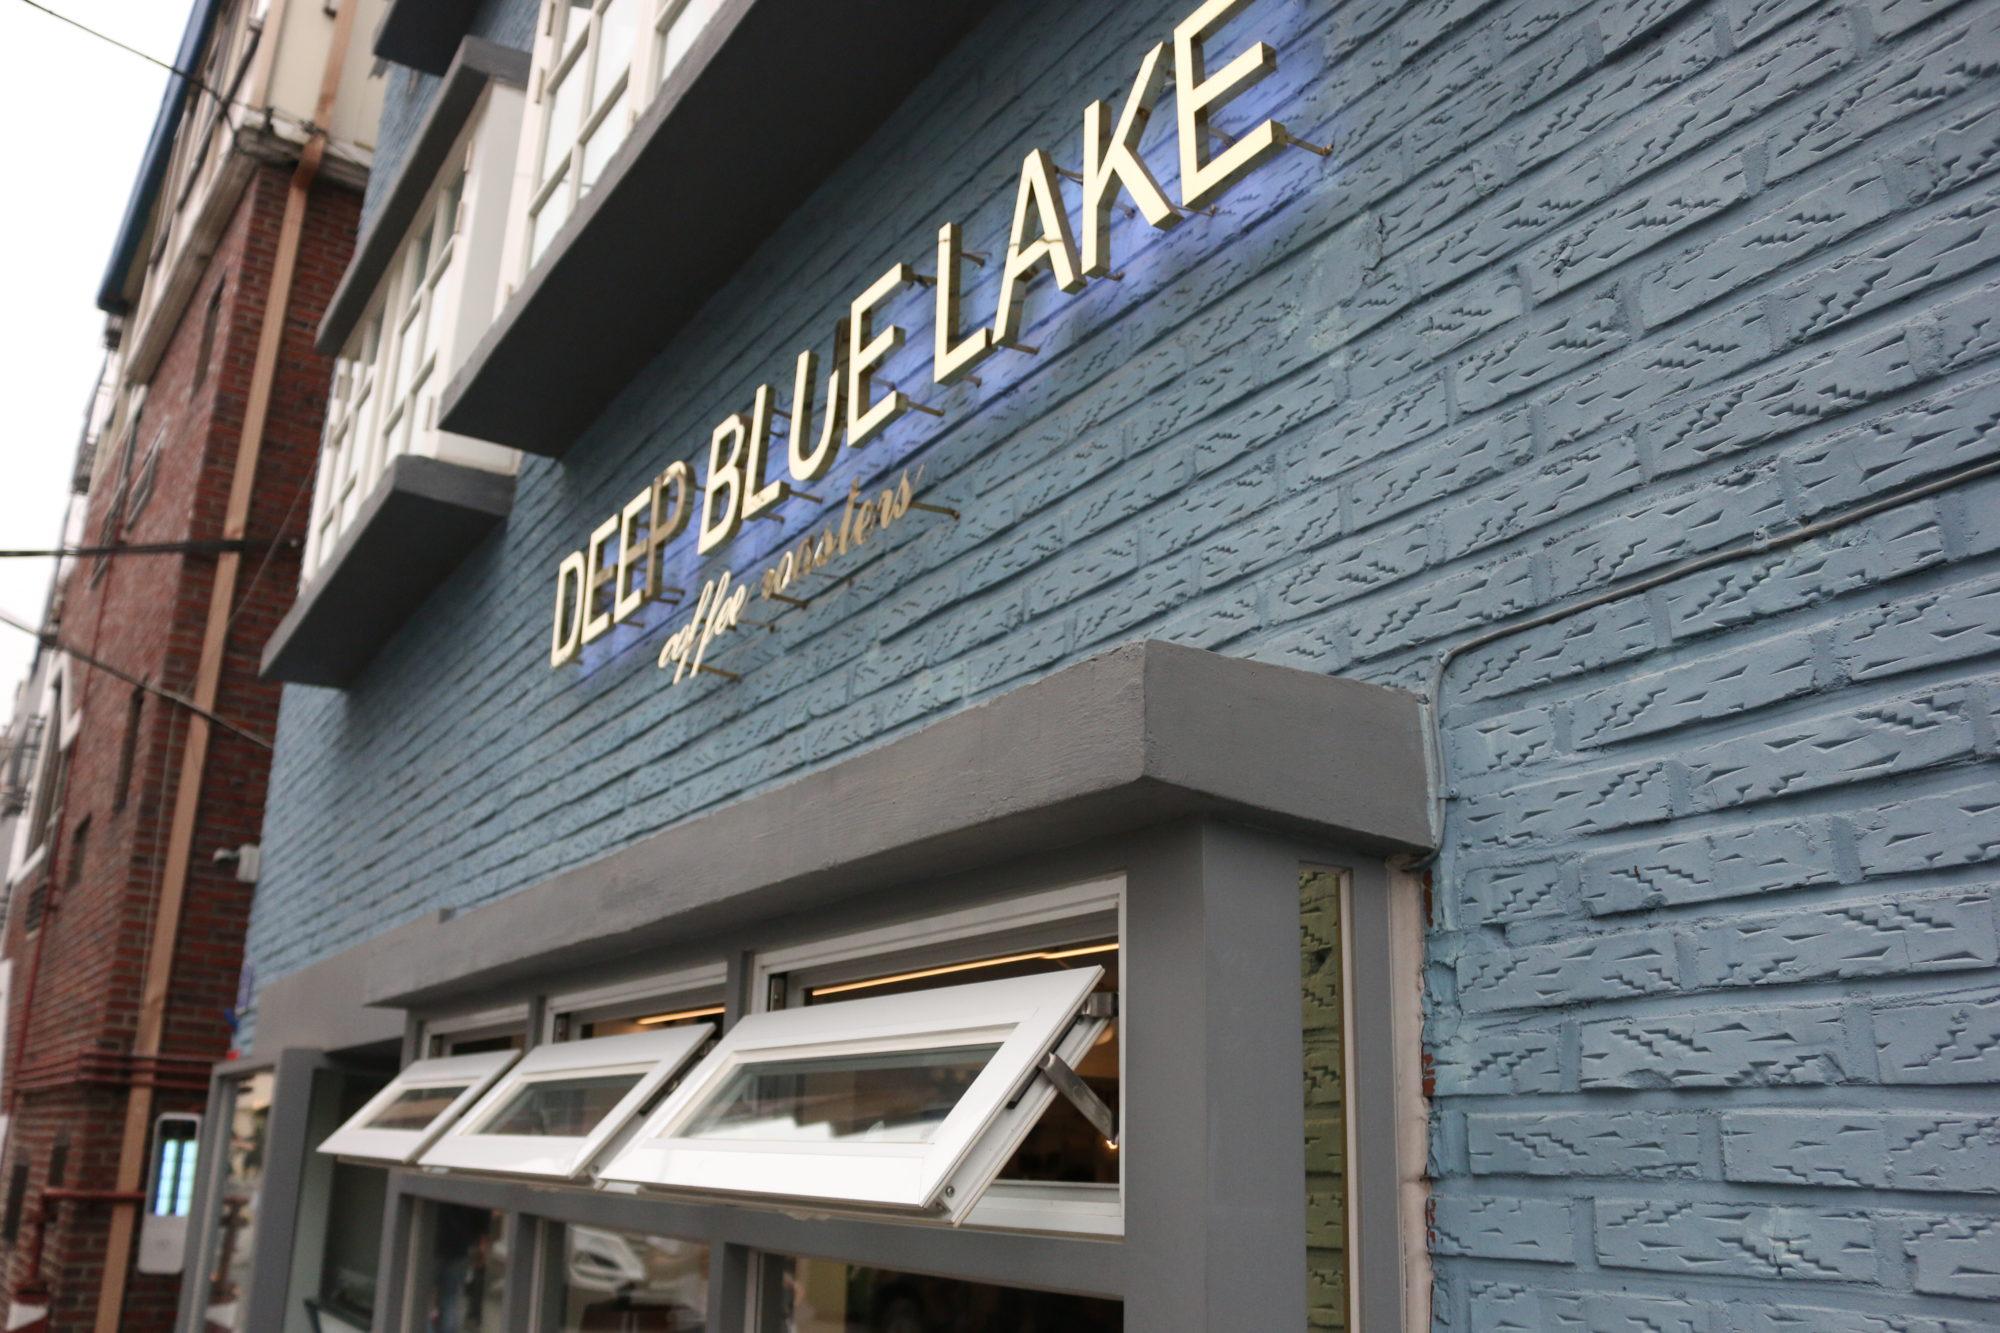 マンウォンドン近くのカフェDEEP BLUE LAKEでひと休憩〜ソウルでコーヒーを楽しむ〜2泊3日韓国ソウル旅〜